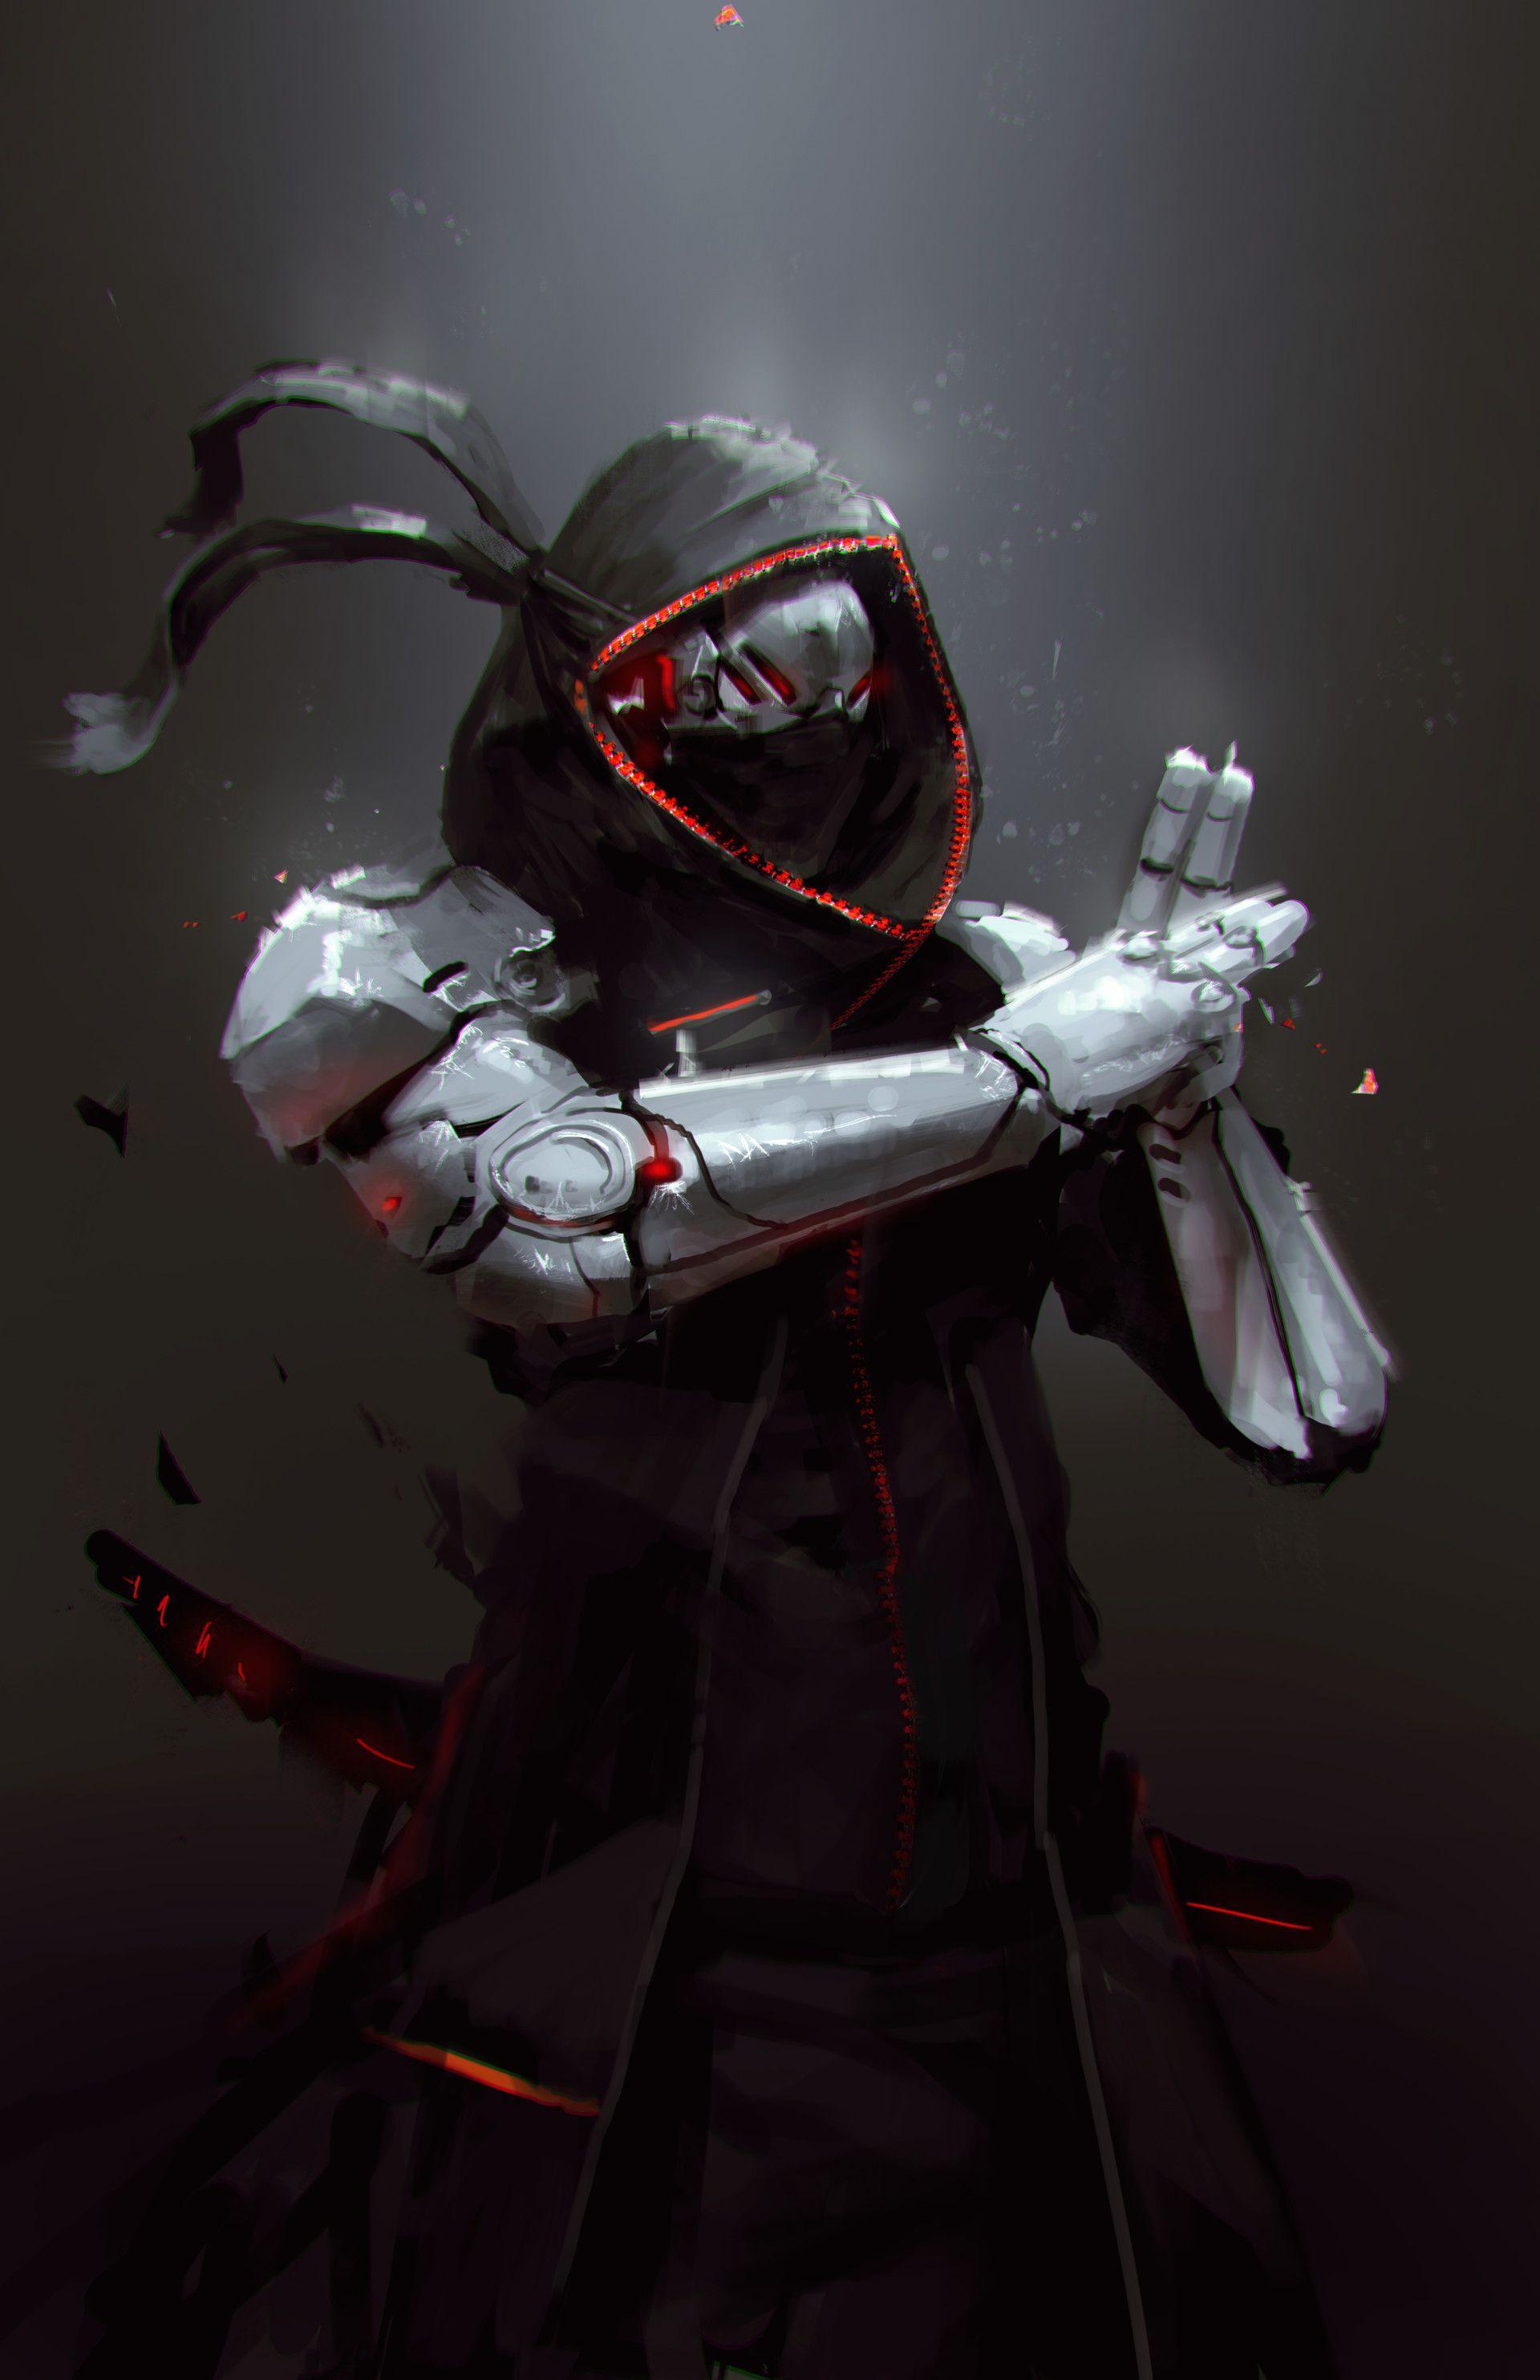 Robot Cyborg Ninja Wallpapers - Top Free Robot Cyborg ...